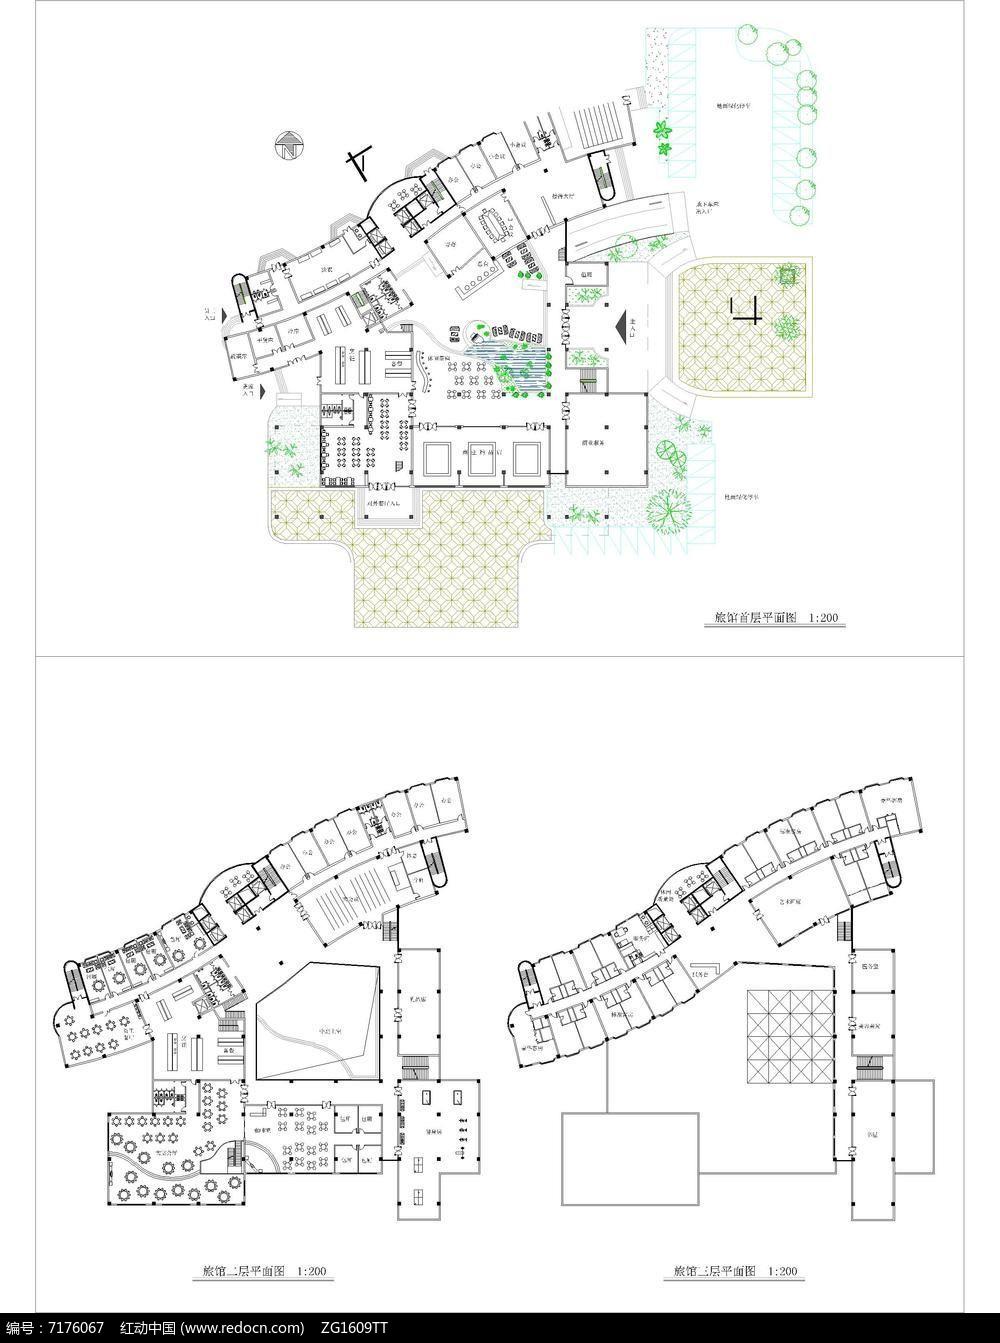 旅馆建筑设计平面图_某旅馆建筑三层室内室外环境平面图_红动网